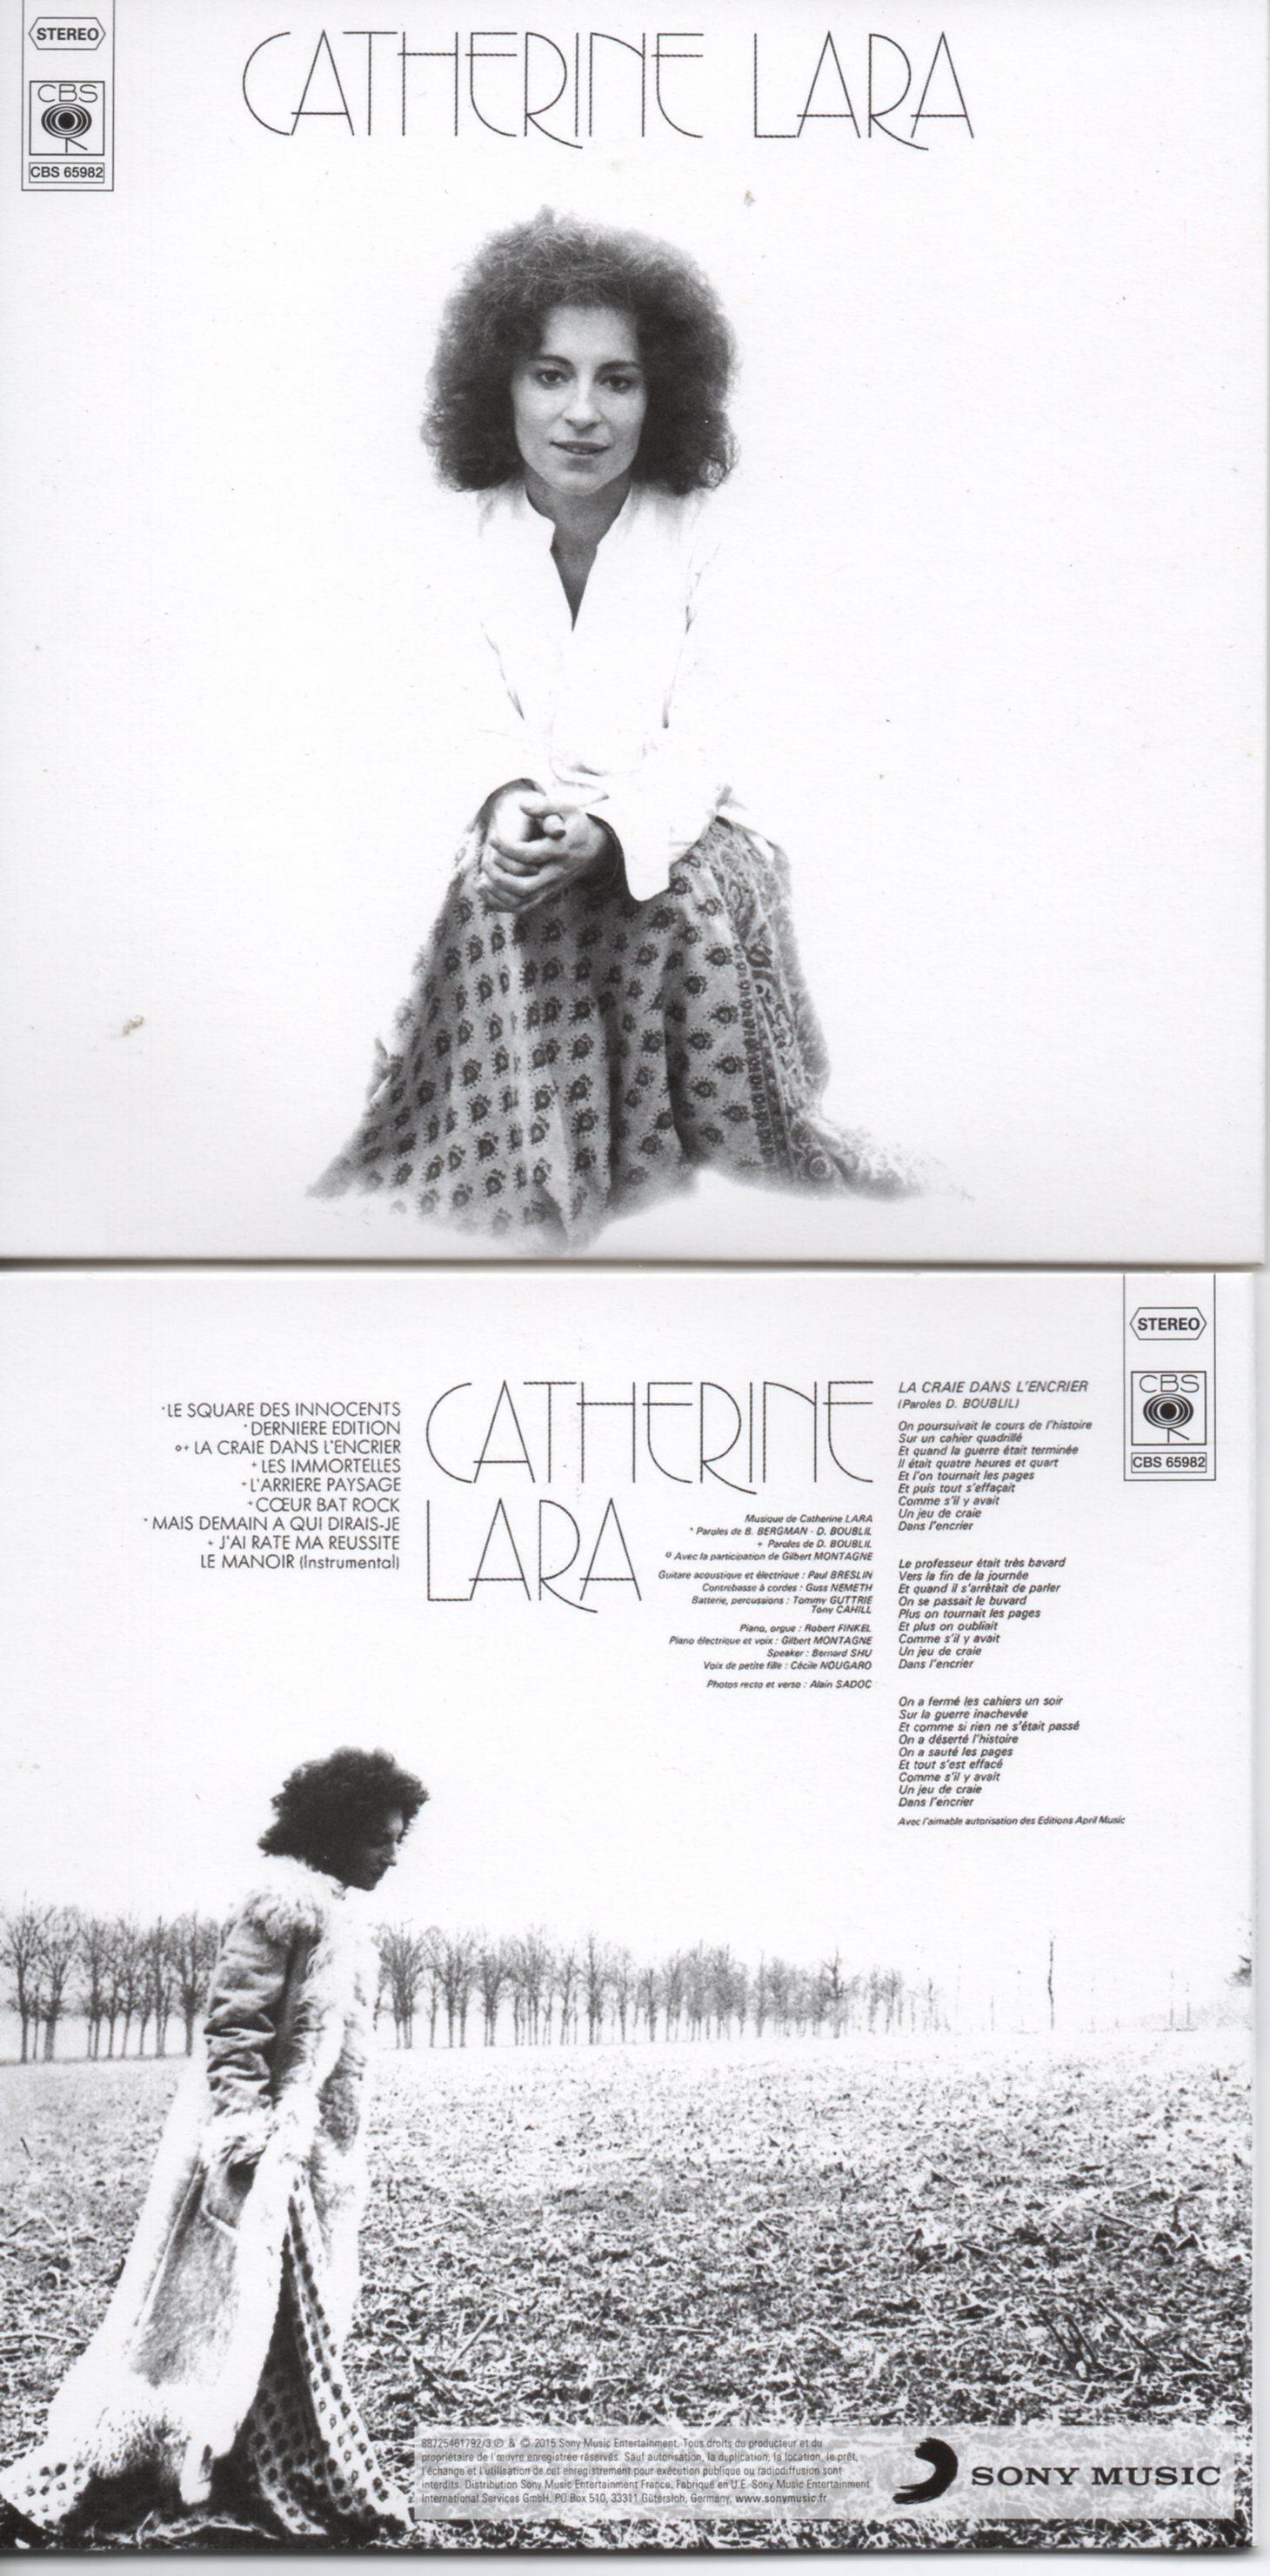 CATHERINE LARA - La craie dans l'encrier - MINI LP REPLICA - 9-TRACK CARD SLEEVE - Pochette Cartonnée - CD